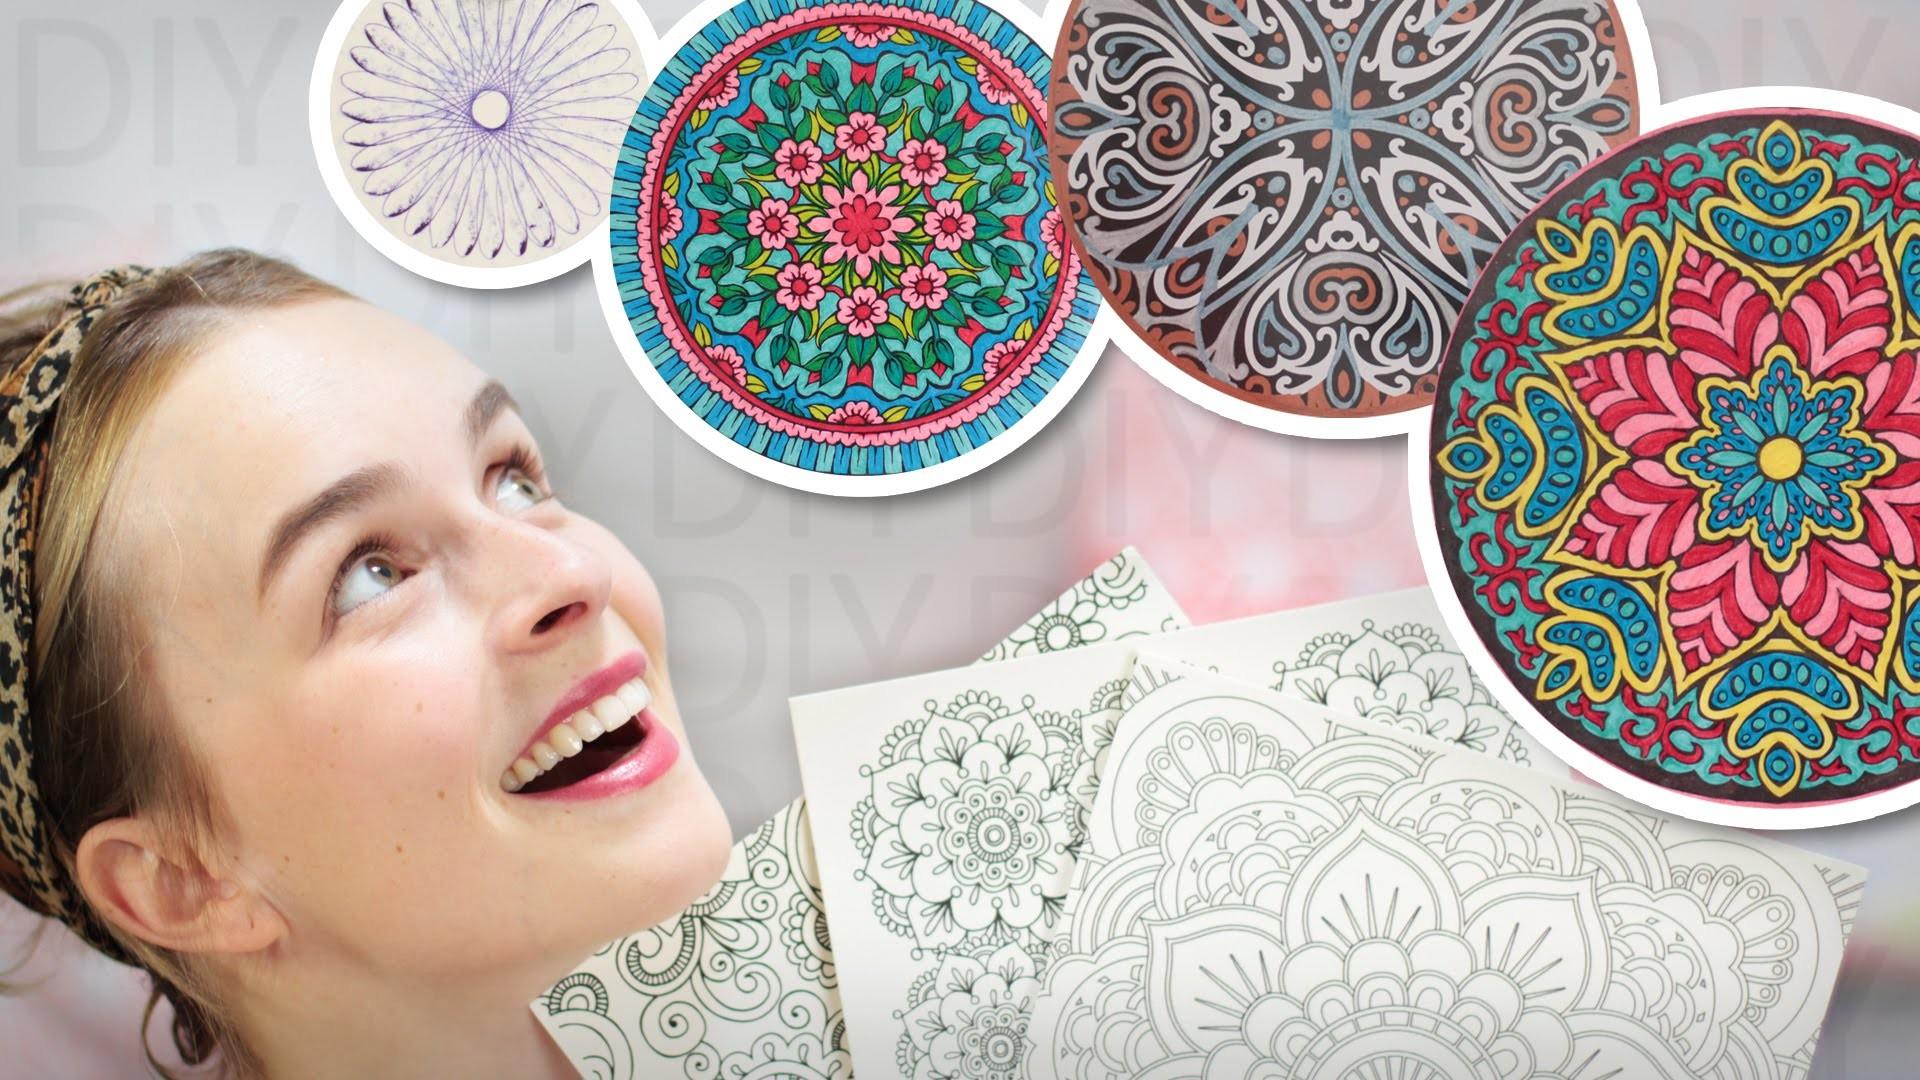 DIY Mandala Inspirationen - Wohn Deko - 4 Varianten